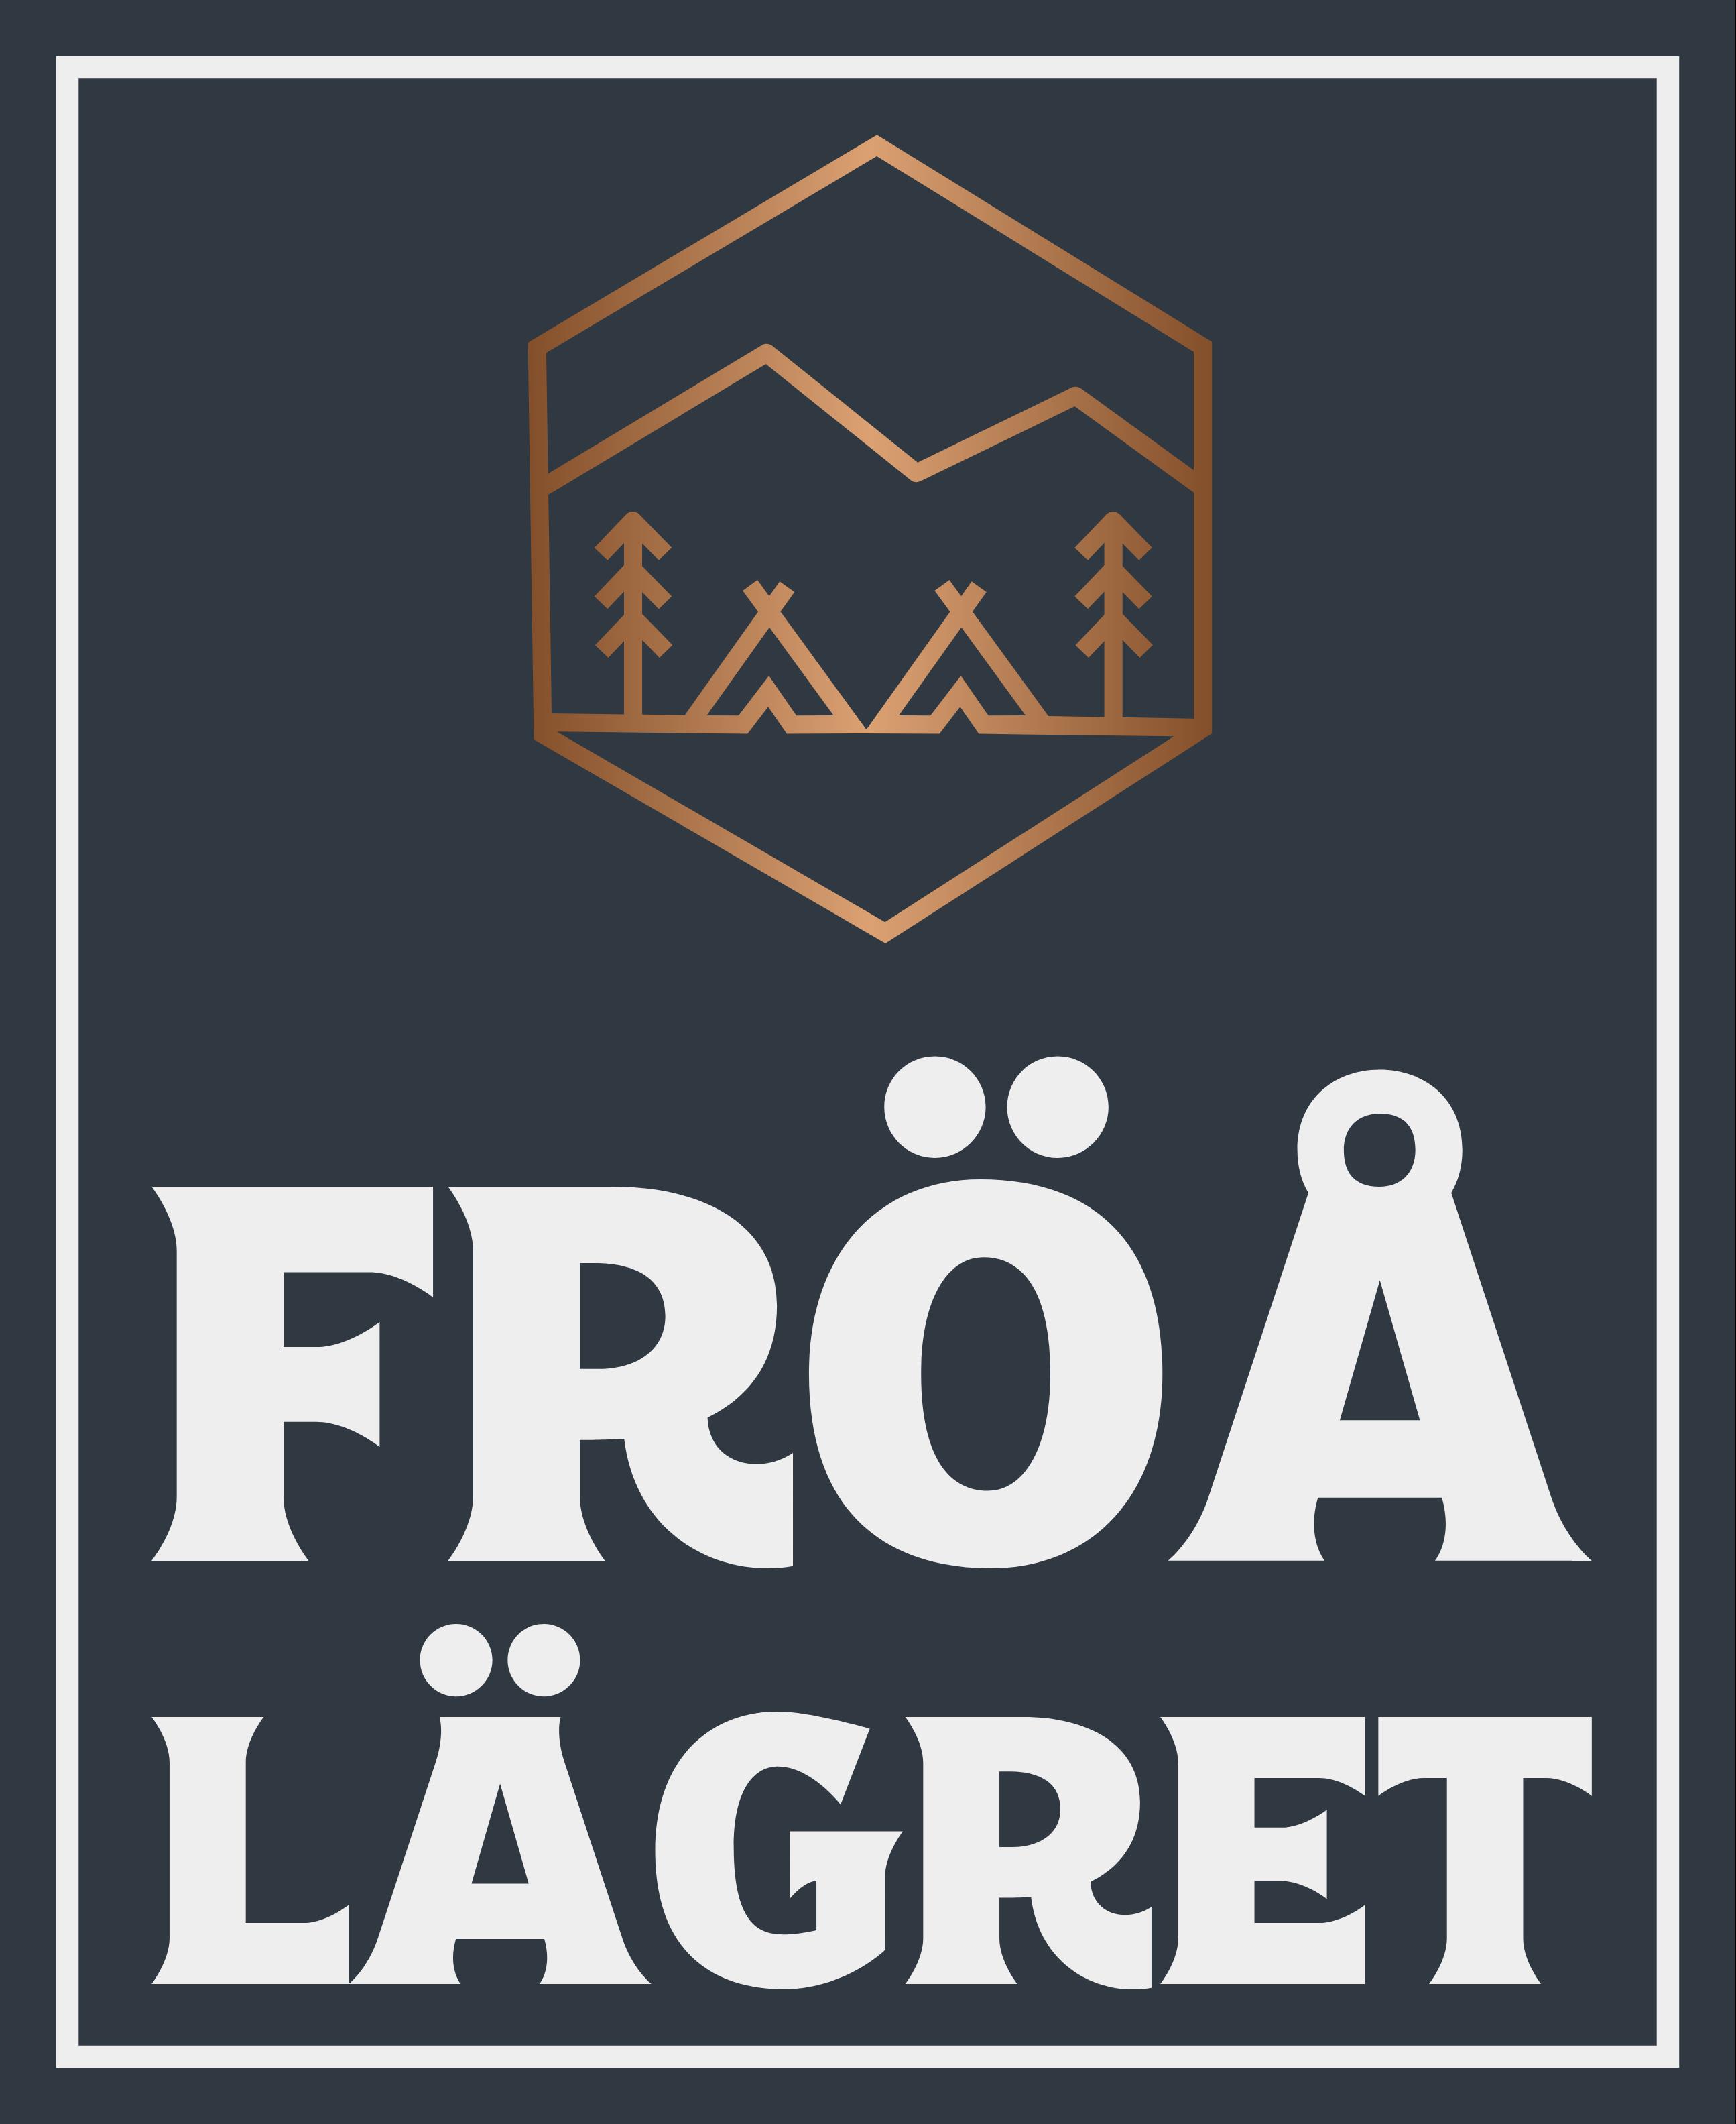 Fröålägret - Vildmarksläger i Åre